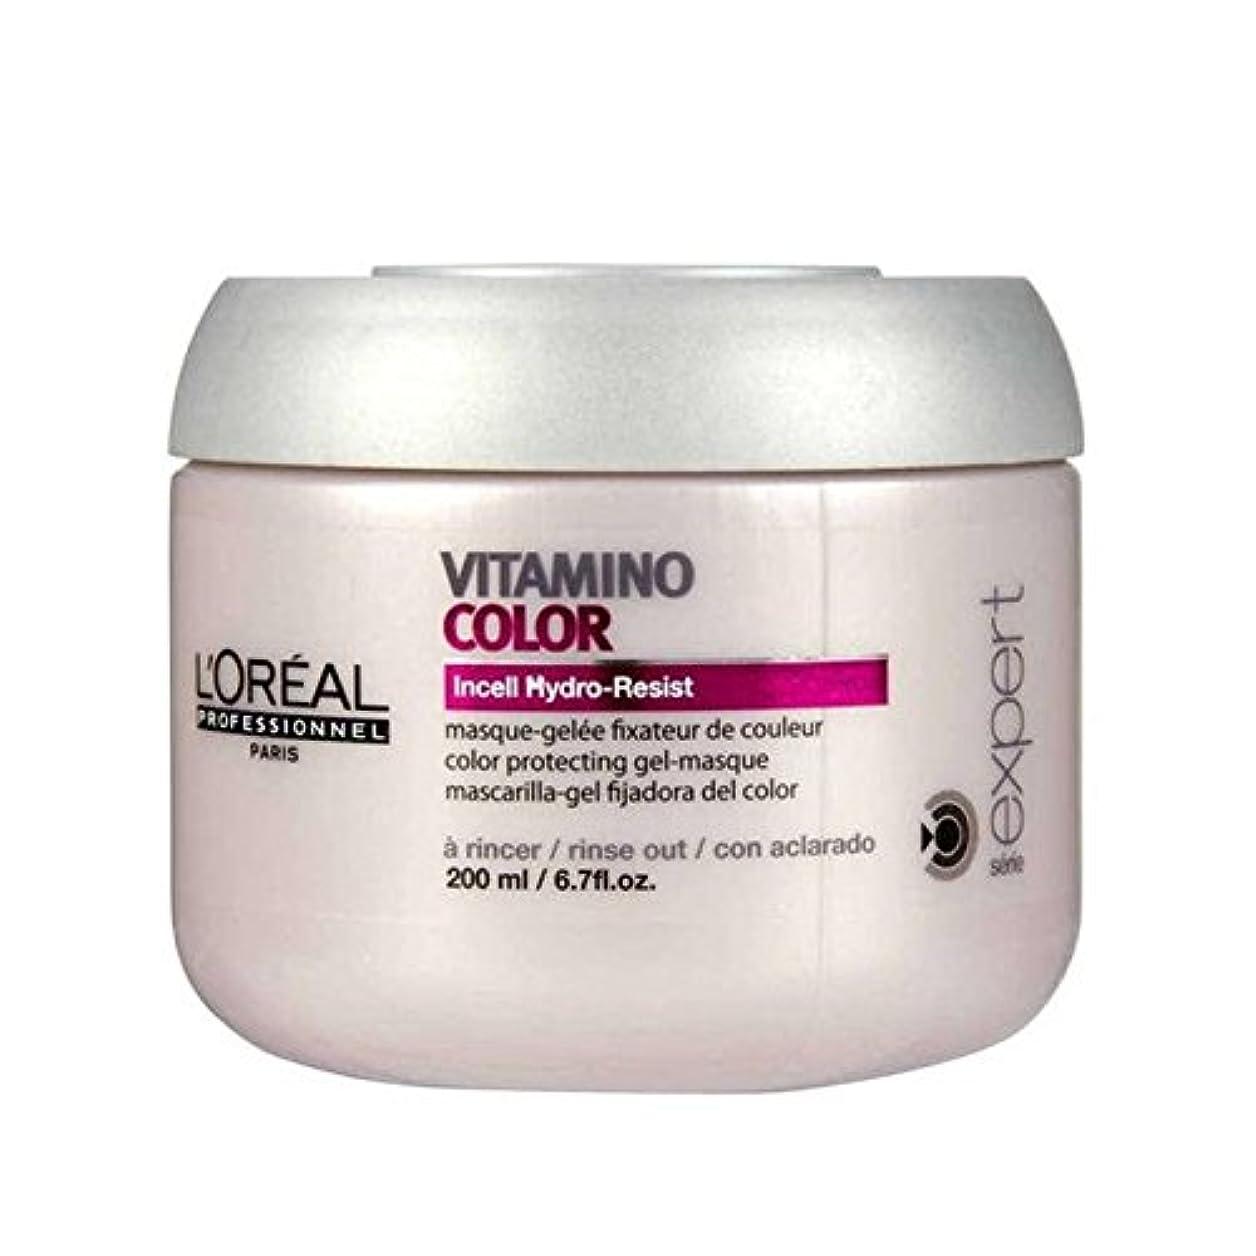 精査予言する特にL'Oreal Professionnel Serie Expert Vitamino Color Masque (200ml) - ロレアルのプロフェッショナルは、専門家カラー仮面劇(200ミリリットル)をセリエ [並行輸入品]